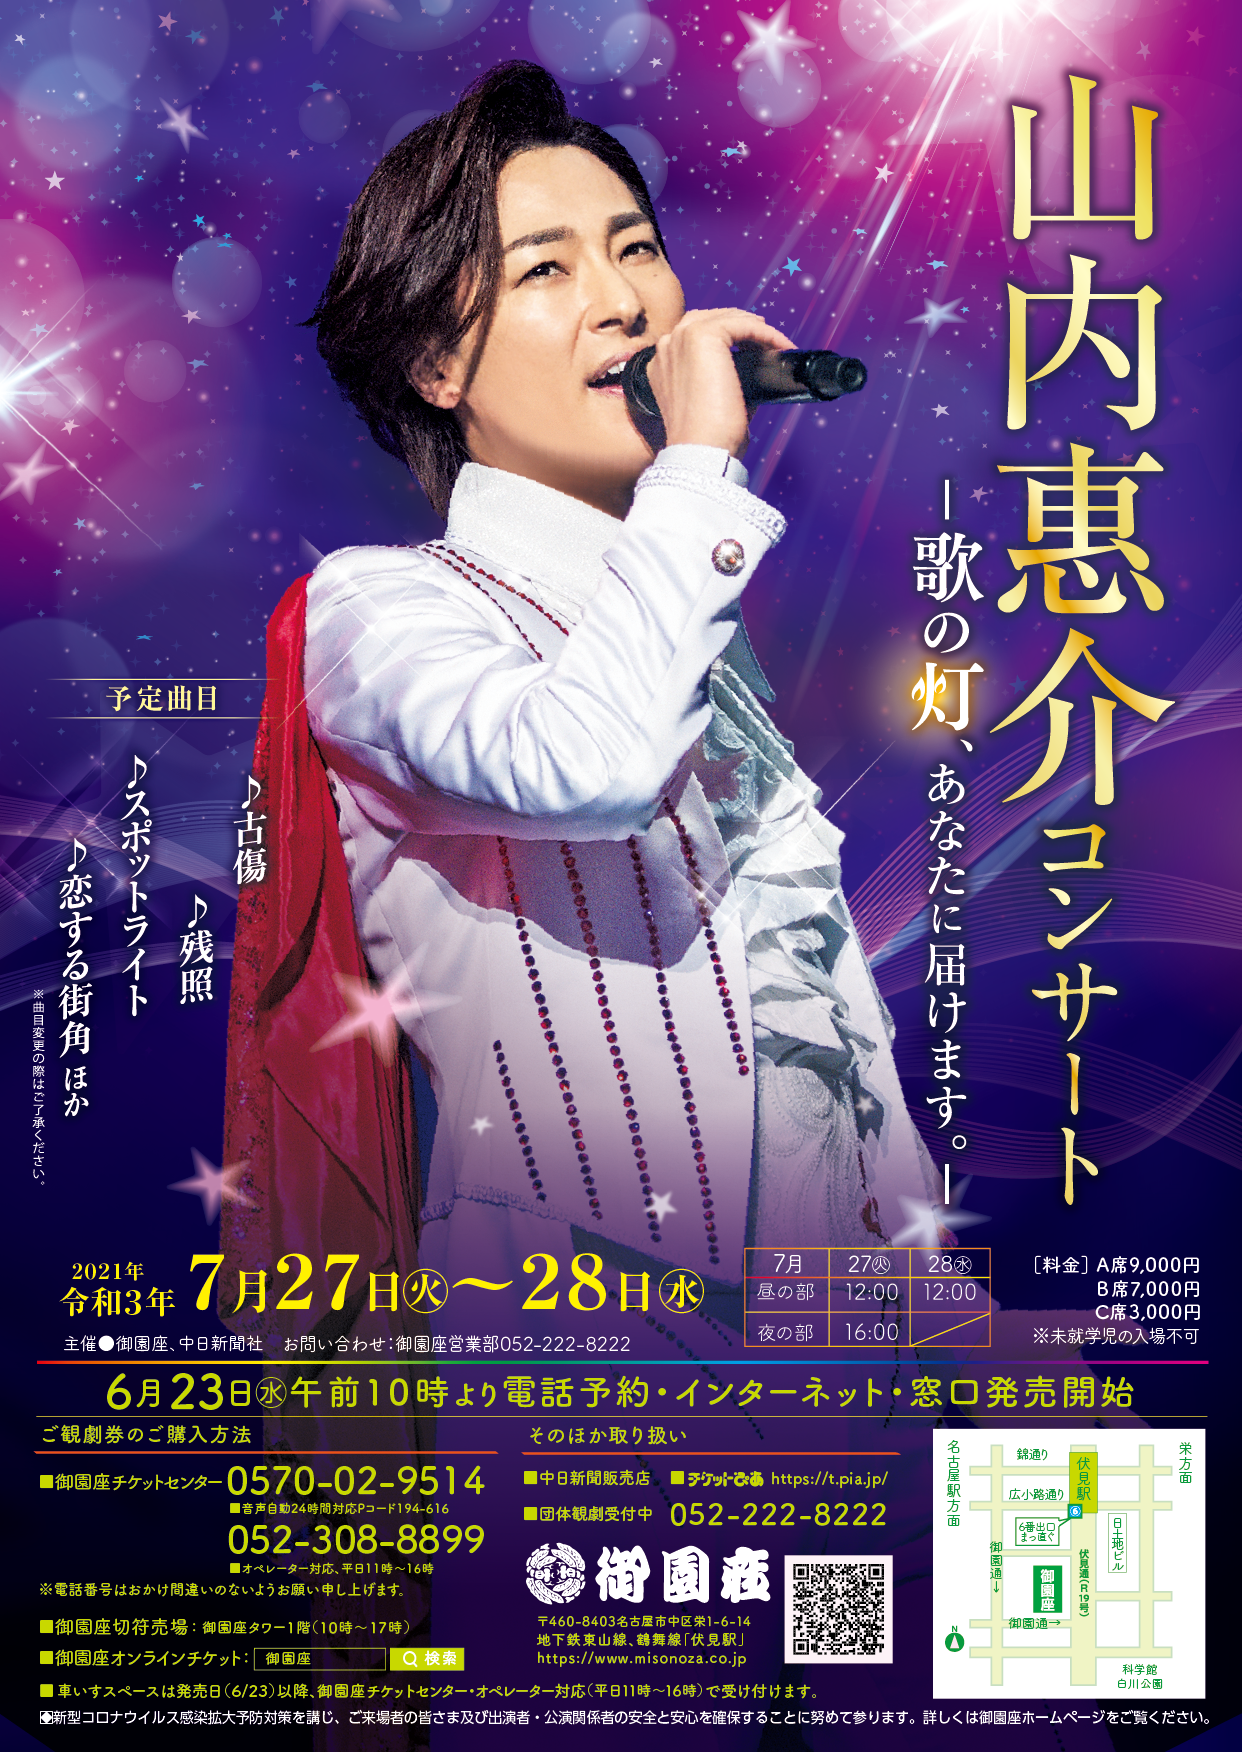 山内惠介コンサート ─歌の灯、あなたに届けます。─ ちらし